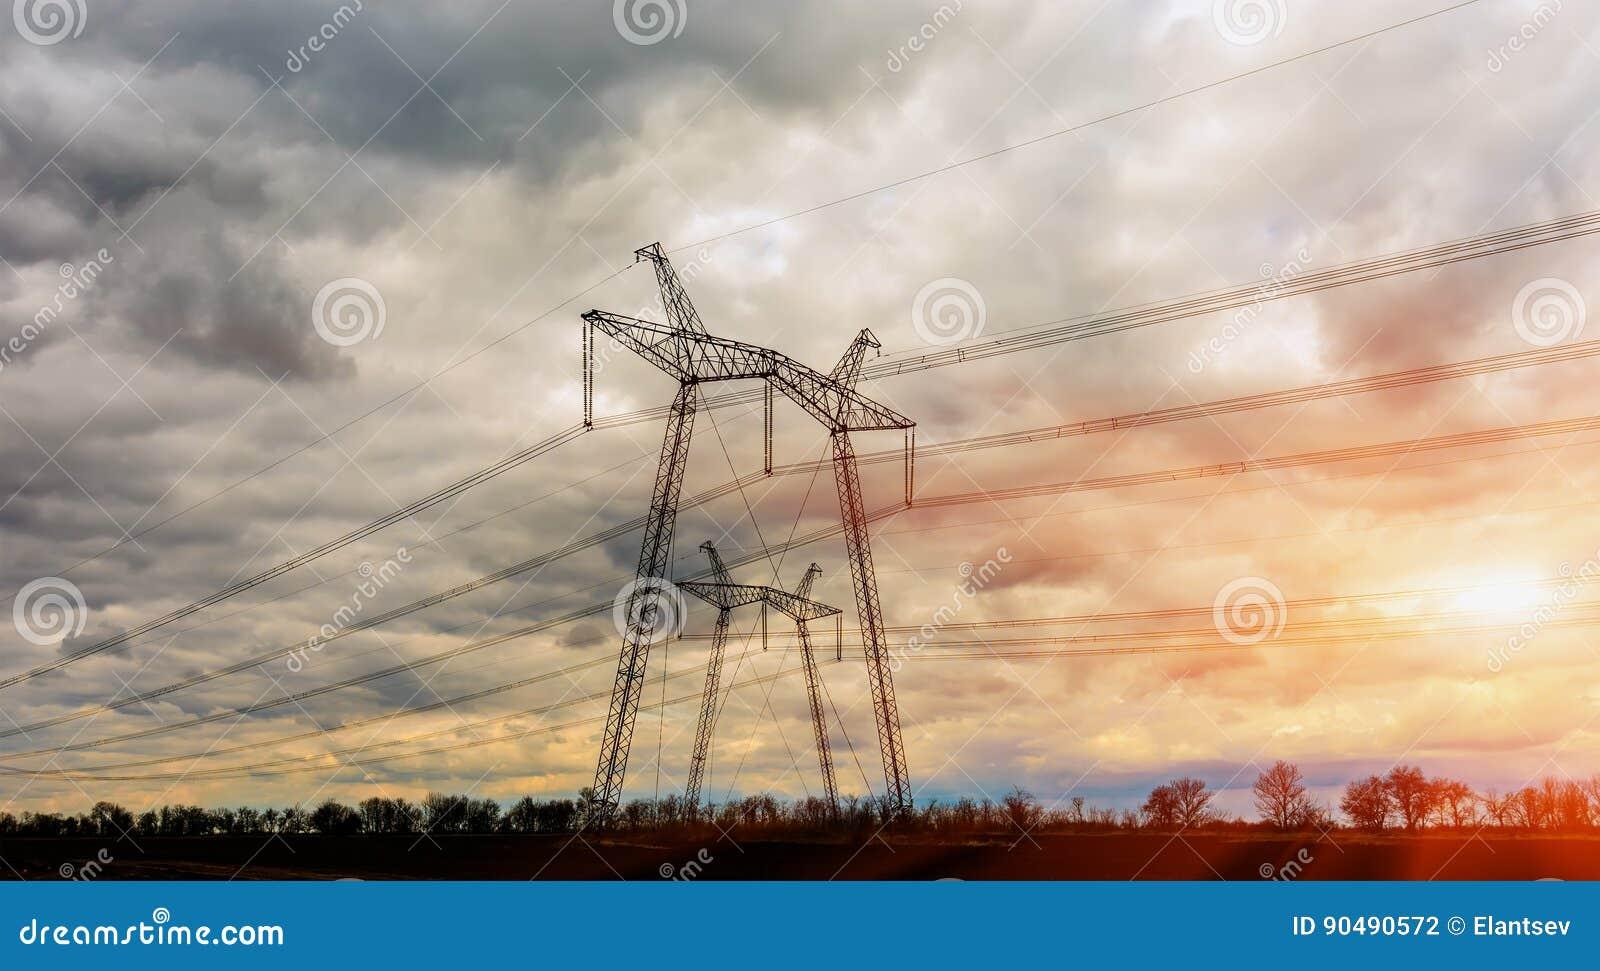 Pilone di elettricità - linea elettrica sopraelevata torre della trasmissione